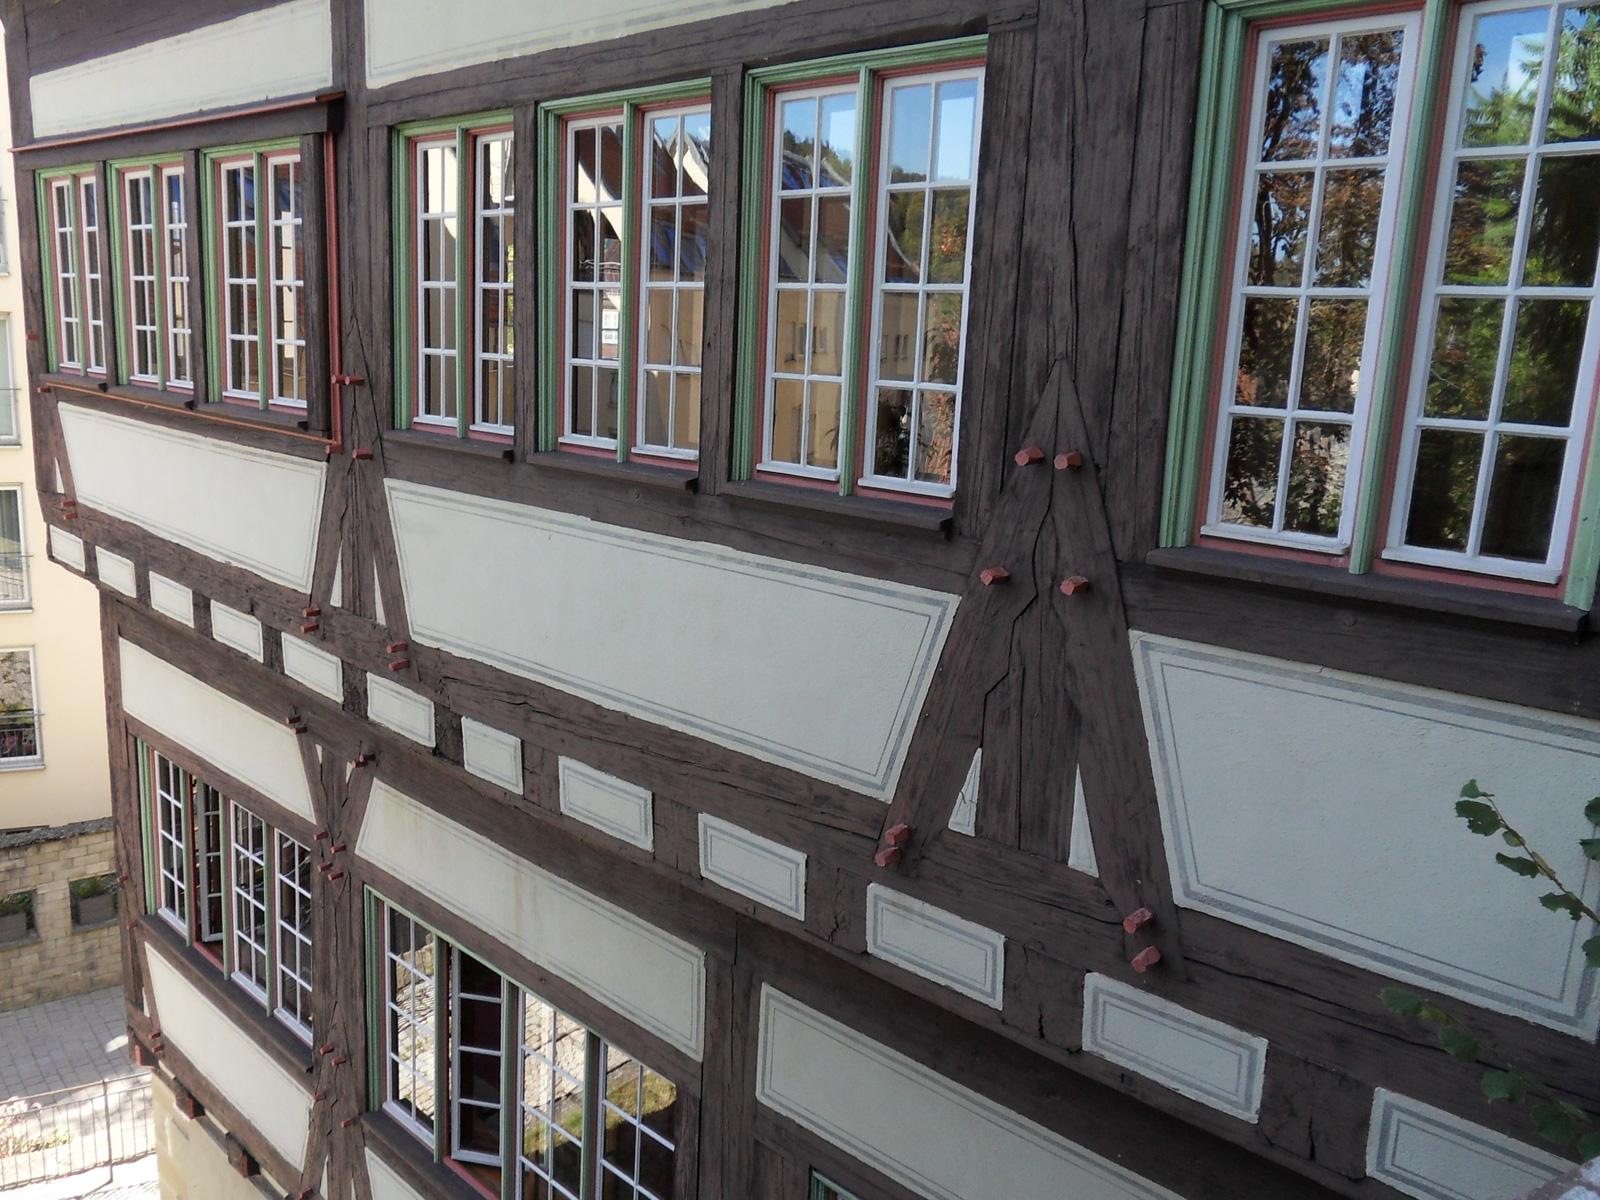 """""""Hoher Giebel"""", Musikschulgebäude (Ausschnitt seitliche Fensterreihe)"""